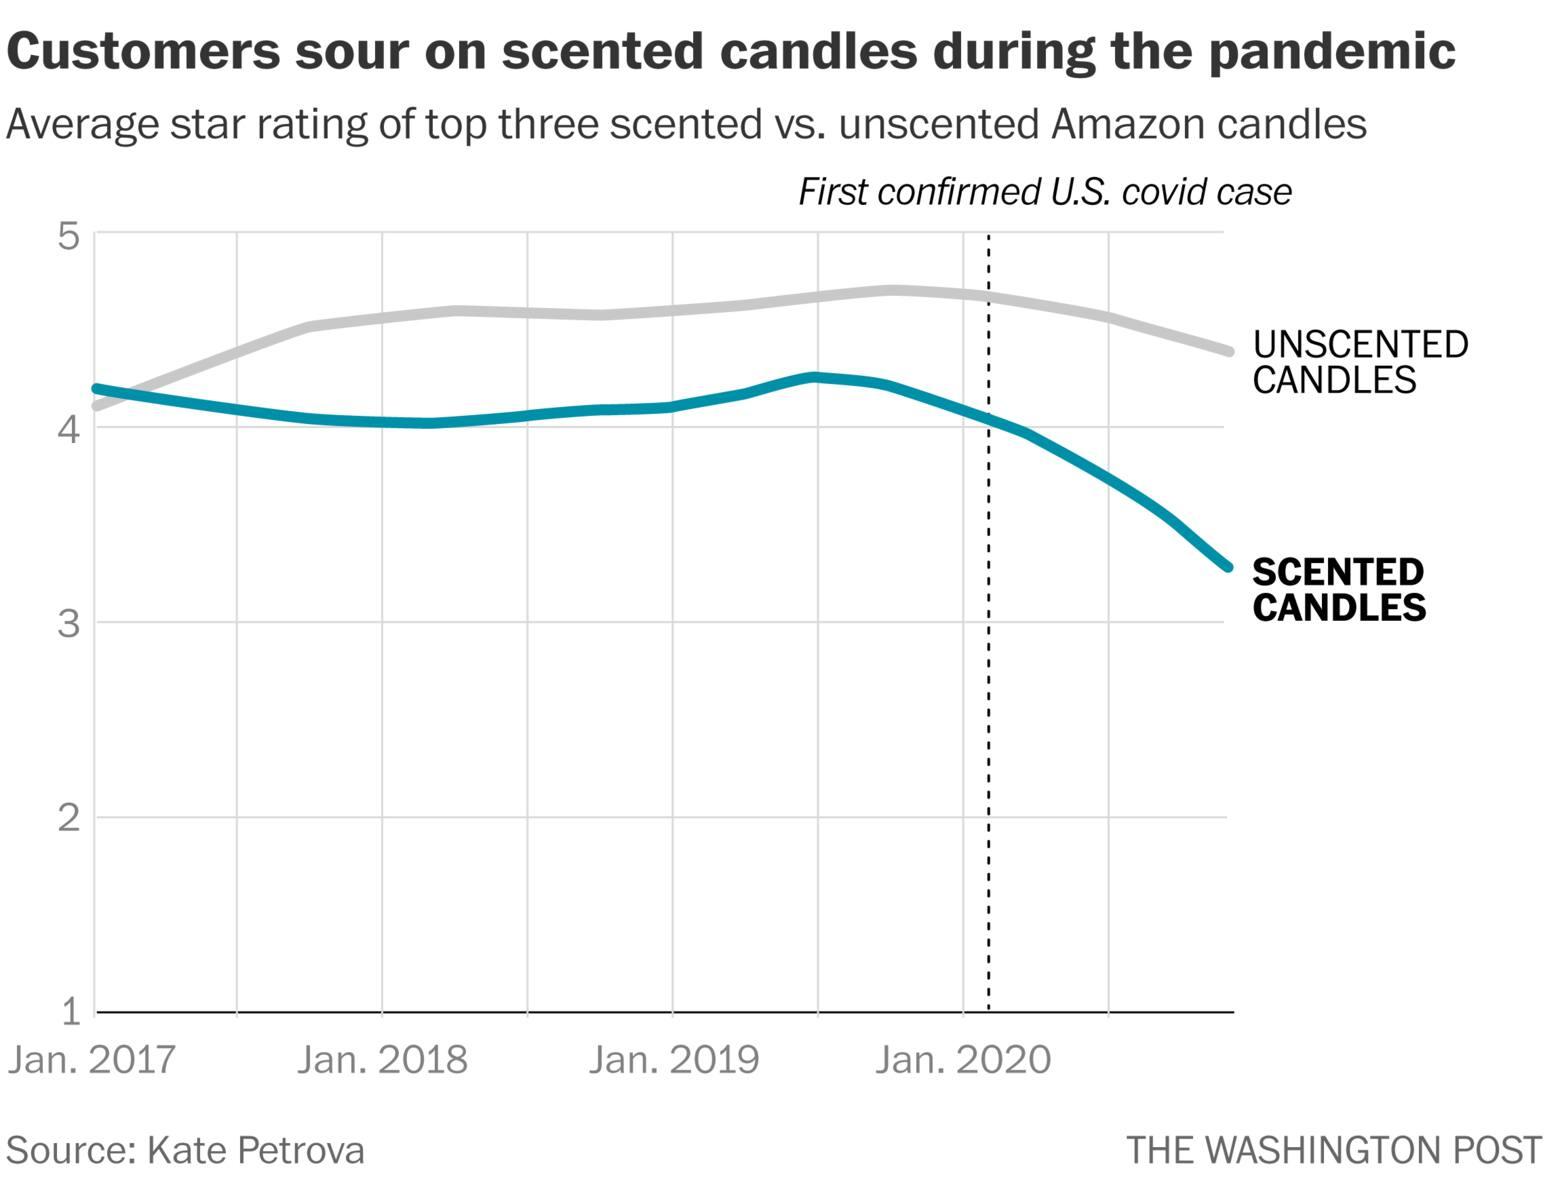 Сравнение средней оценки ароматических свечей (выделено цветом) и свечей без запаха на Amazon.com. Пунктирная вертикальная линия показывает первый выявленный случай COVID-19 на территории США. График Washington Post.